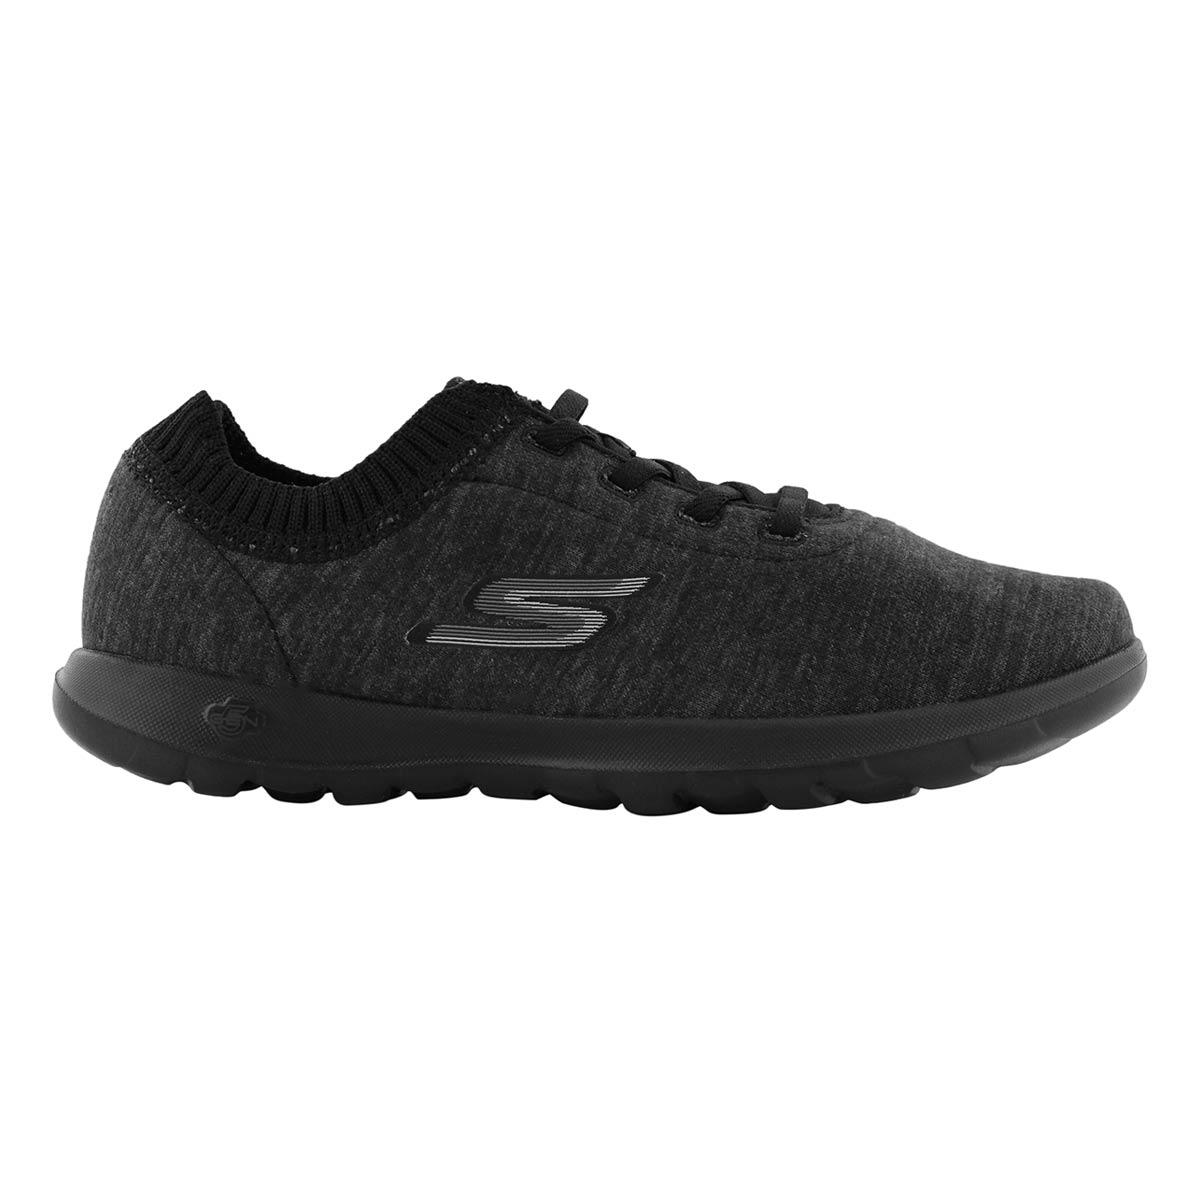 Lds GOWalk Lite blk/gry sneaker